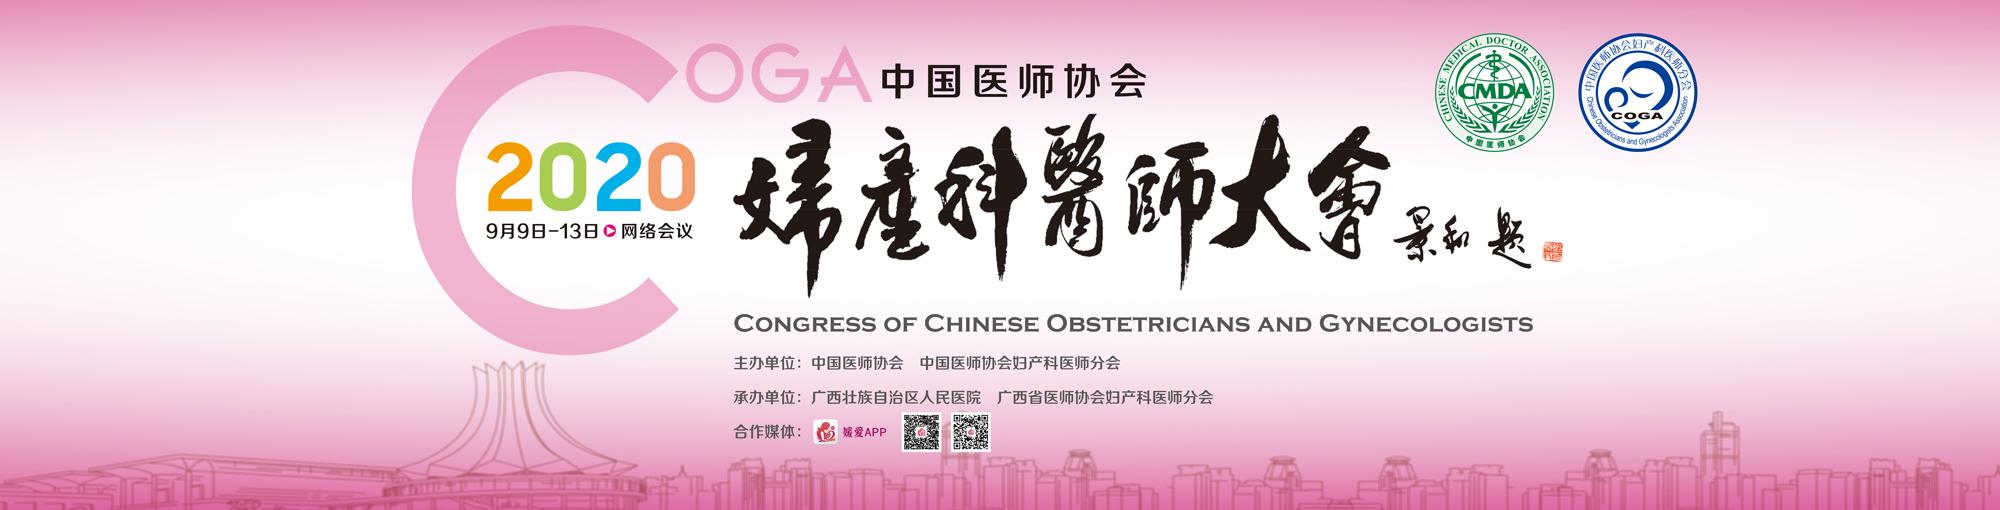 2020中国医师协会妇产科医师大会